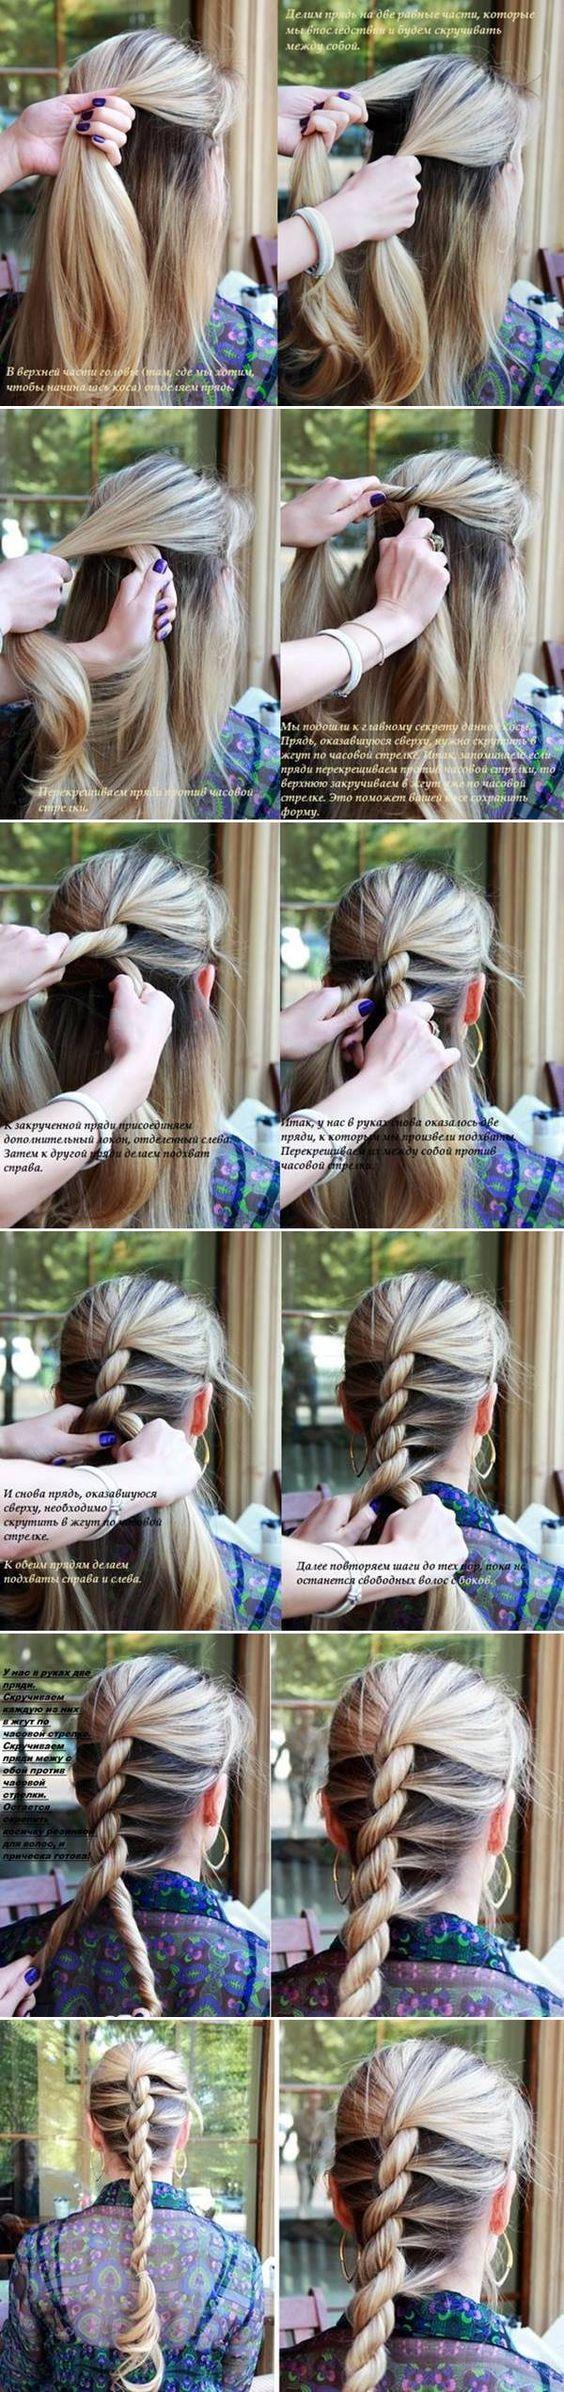 15 Frisuren inspiriert von Rope Braids